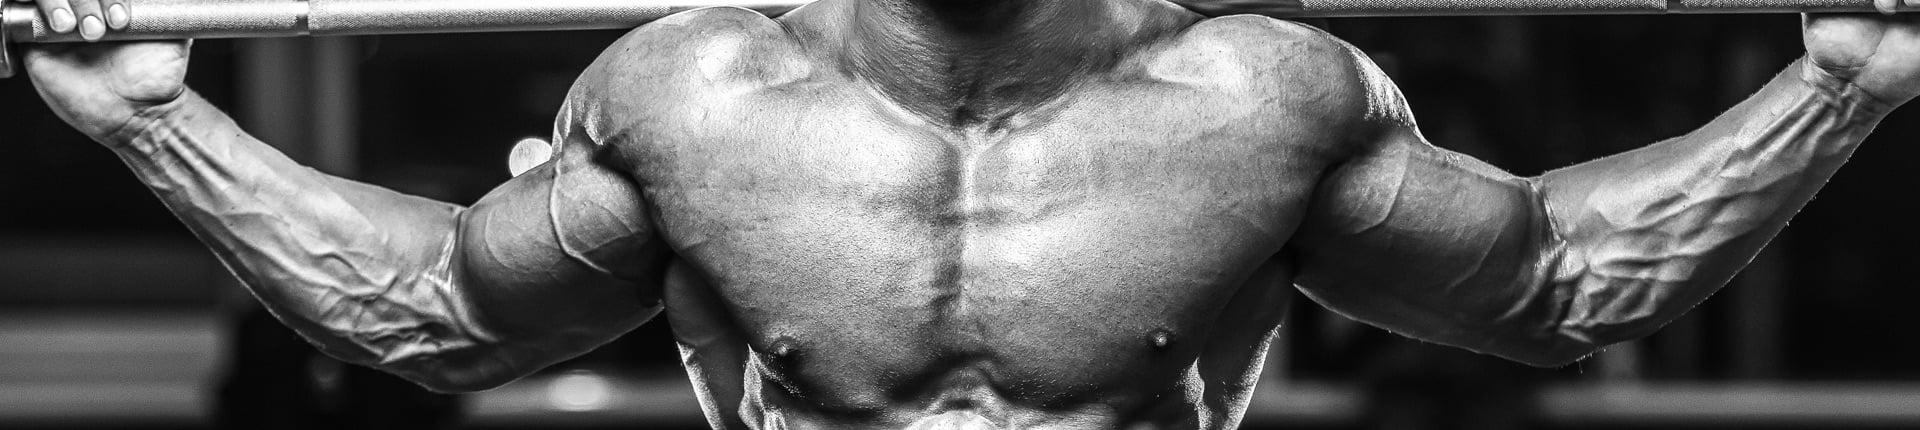 Plecy i klatka piersiowa  w superseriach - przepis na sukces wg Arnolda